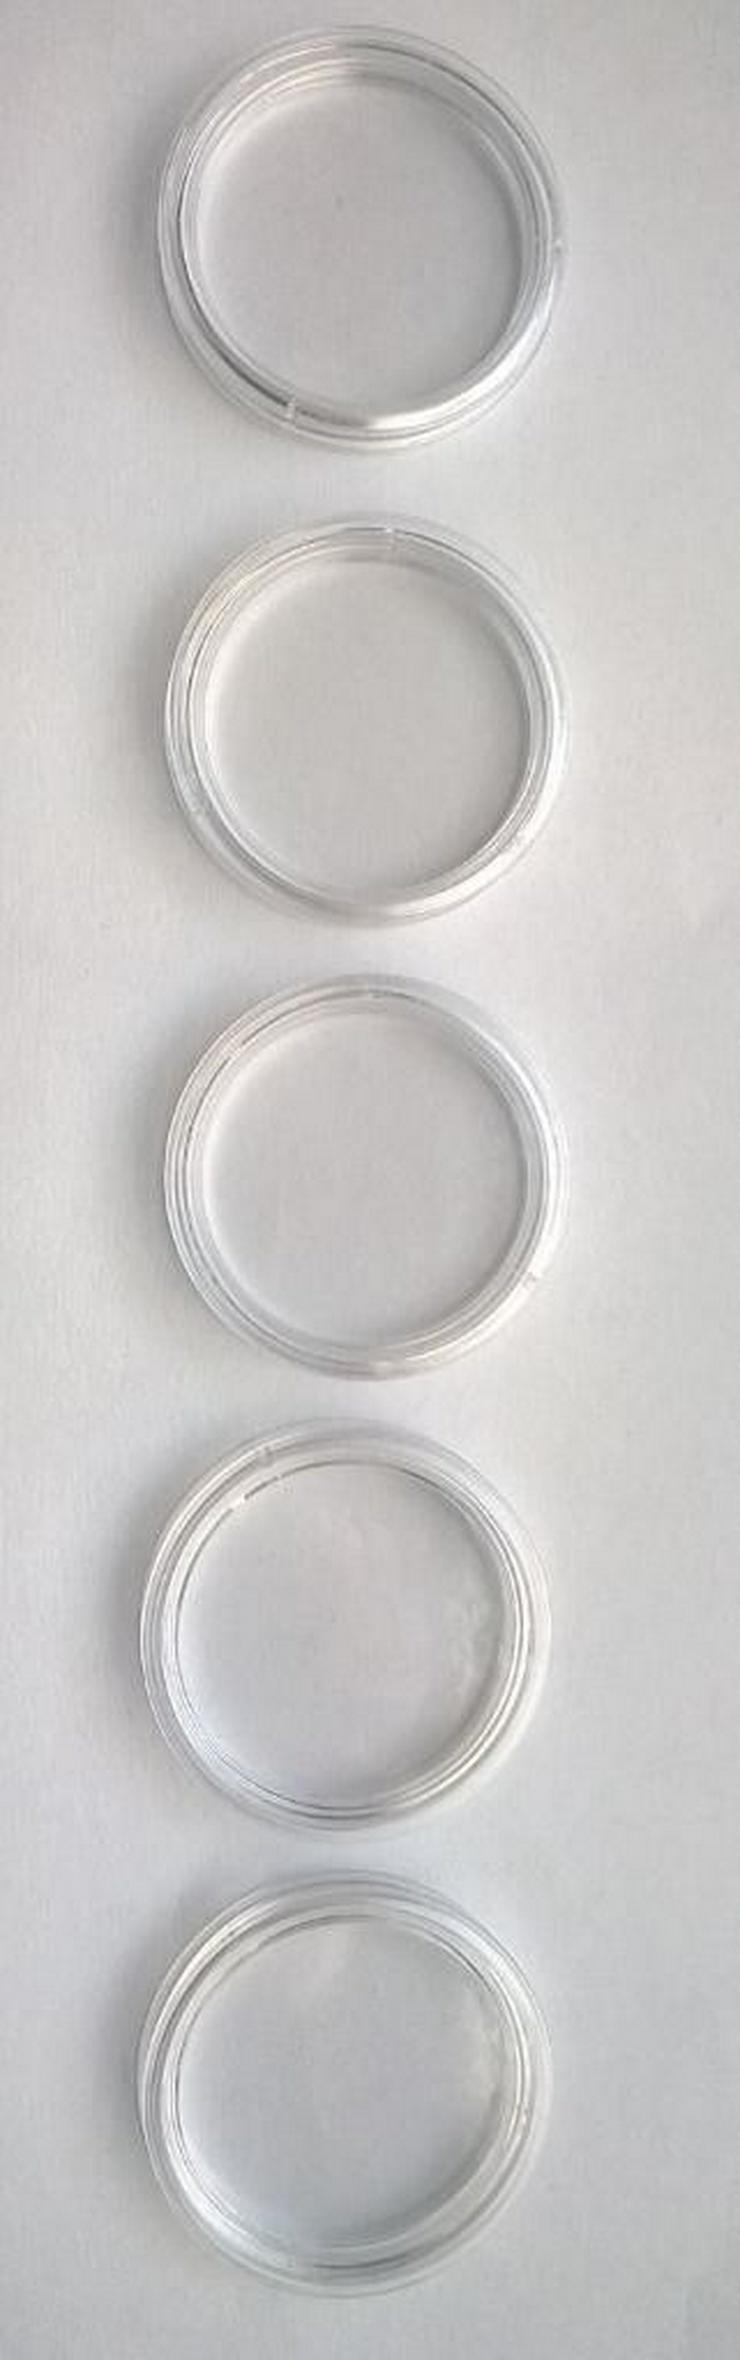 Bild 3: 10 Münzkapseln 27 mm, für 5 Euro Münzen